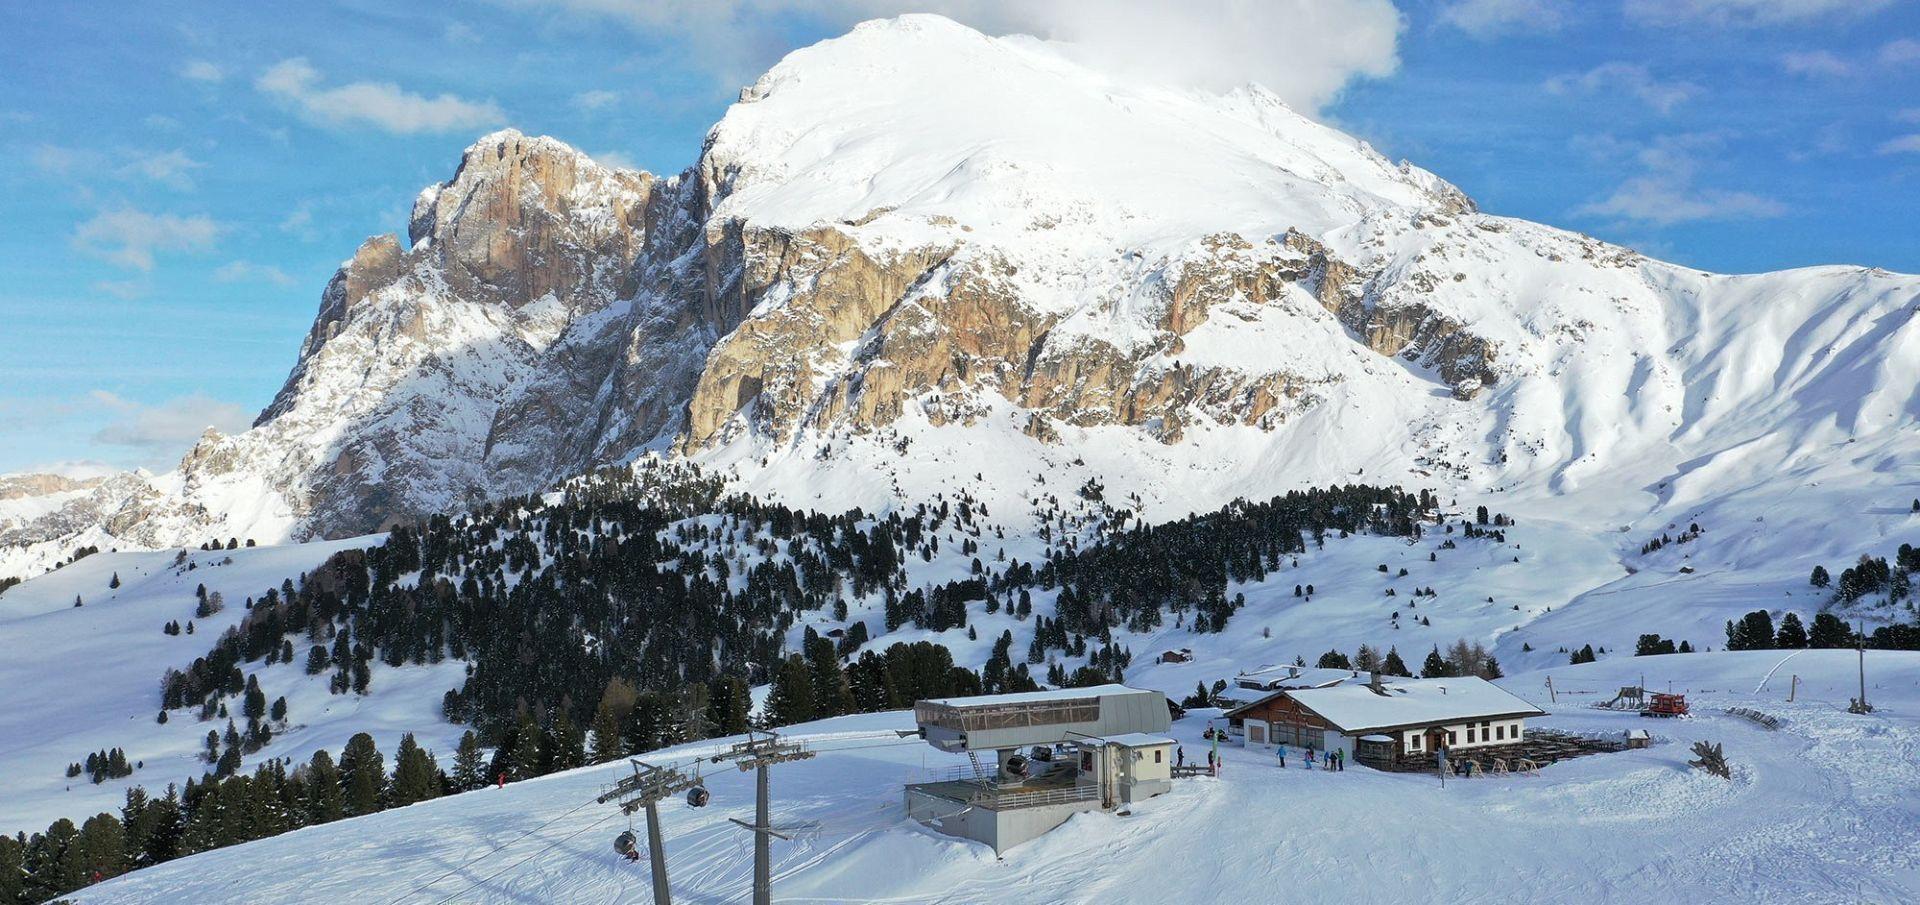 skilift-skigebiet-seiser-alm-kastelruth-florianlift-floralpinalift-20